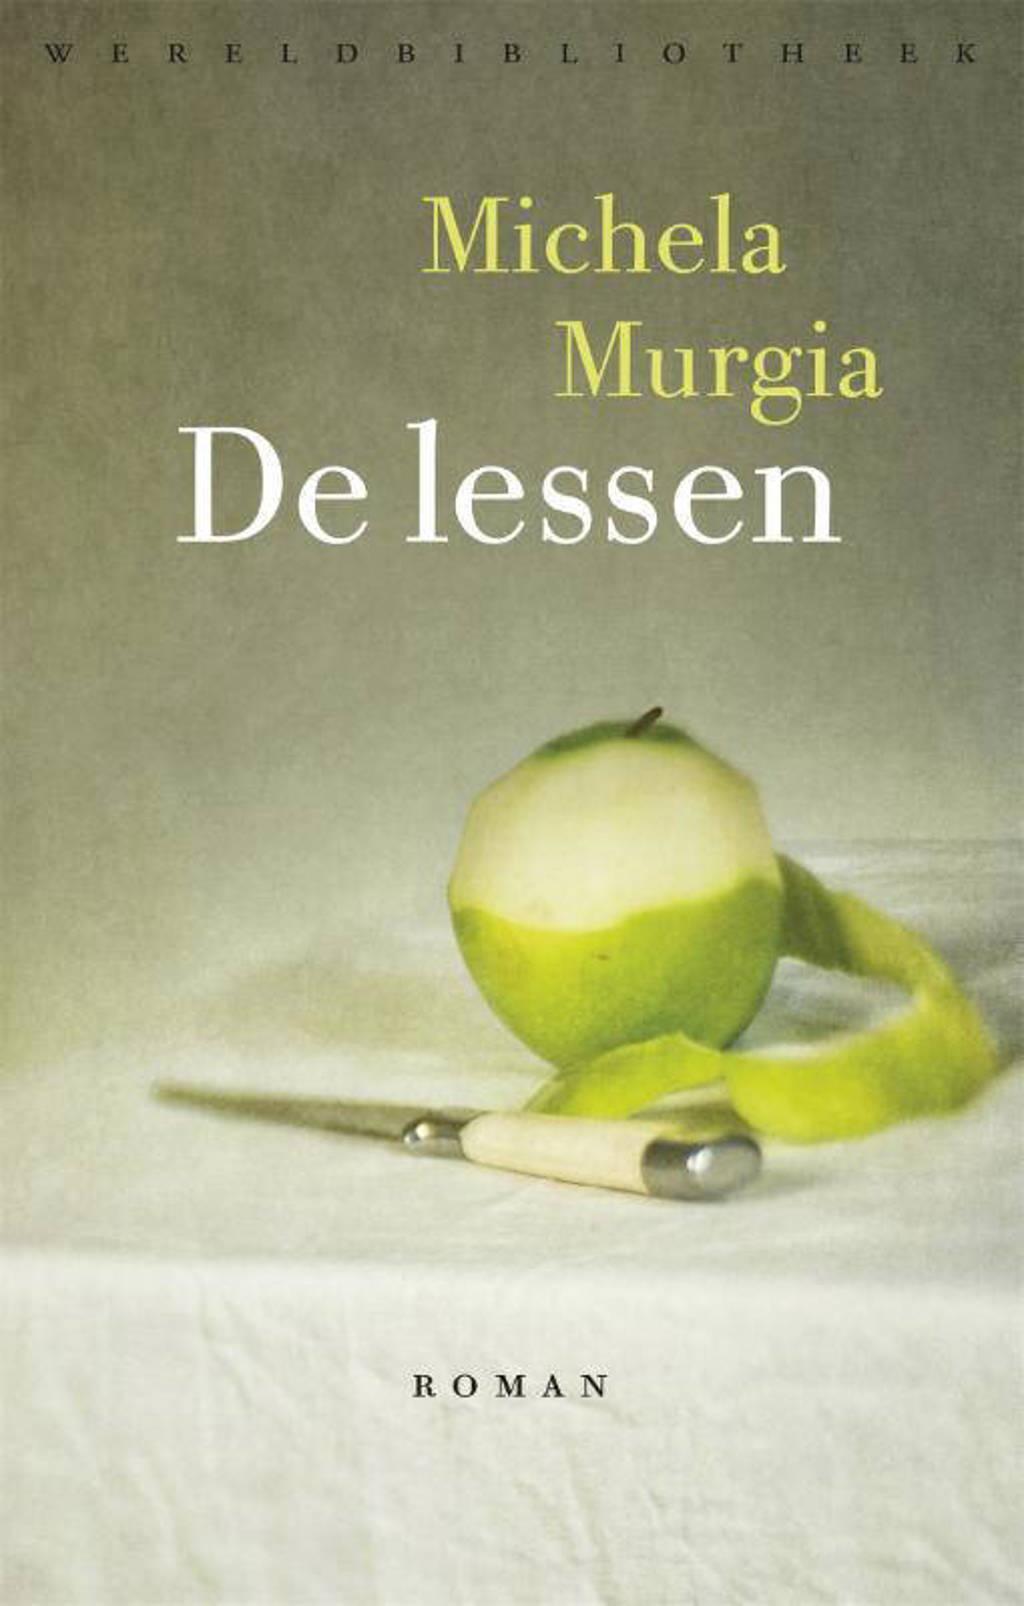 De lessen - Michela Murgia